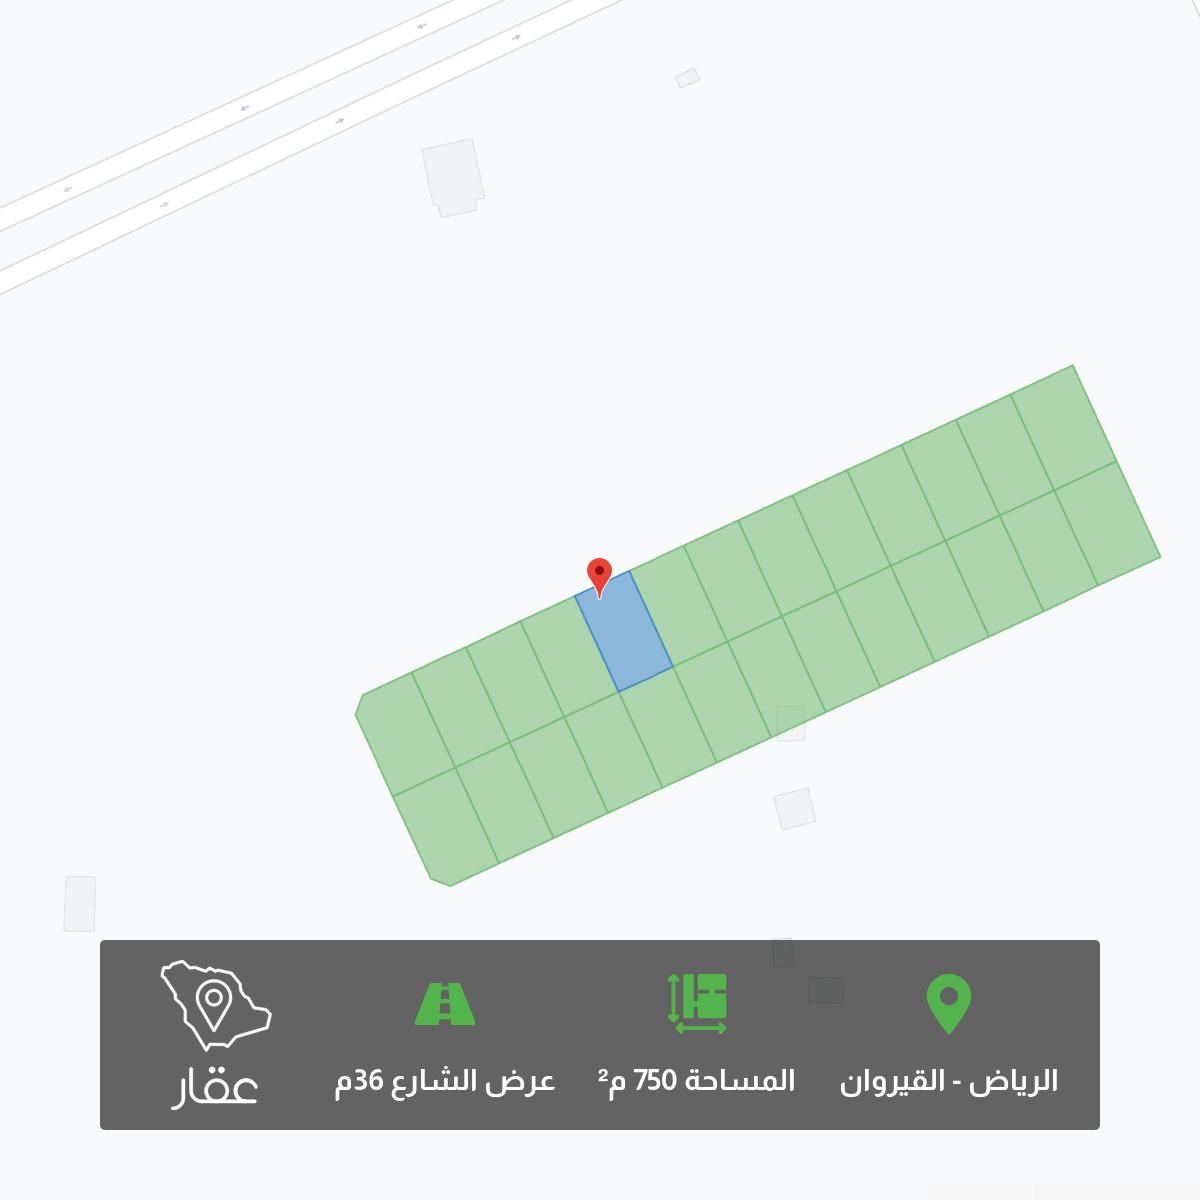 أرض للبيع في حي ، شارع السيد السنوسي الطرابلسي ، حي القيروان ، الرياض ، الرياض